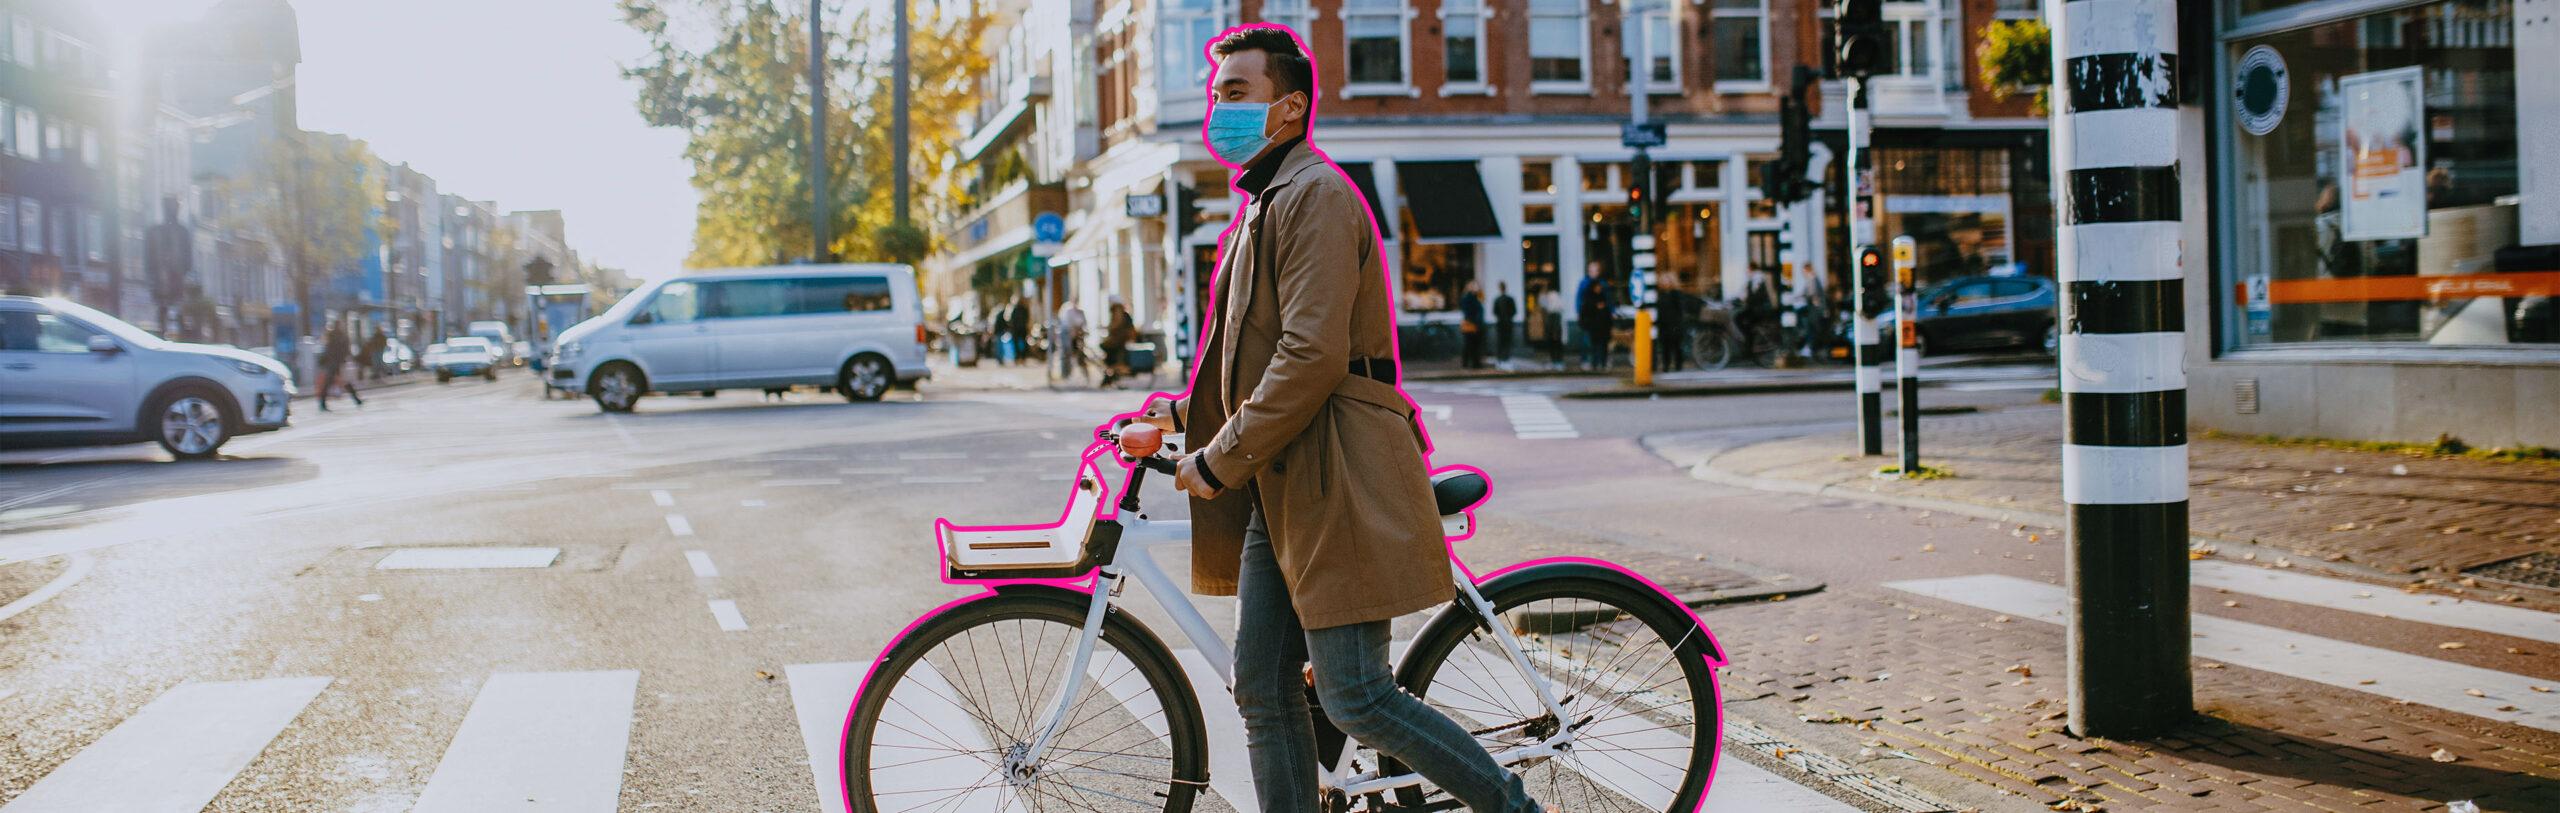 Man walking a bike across a crosswalk